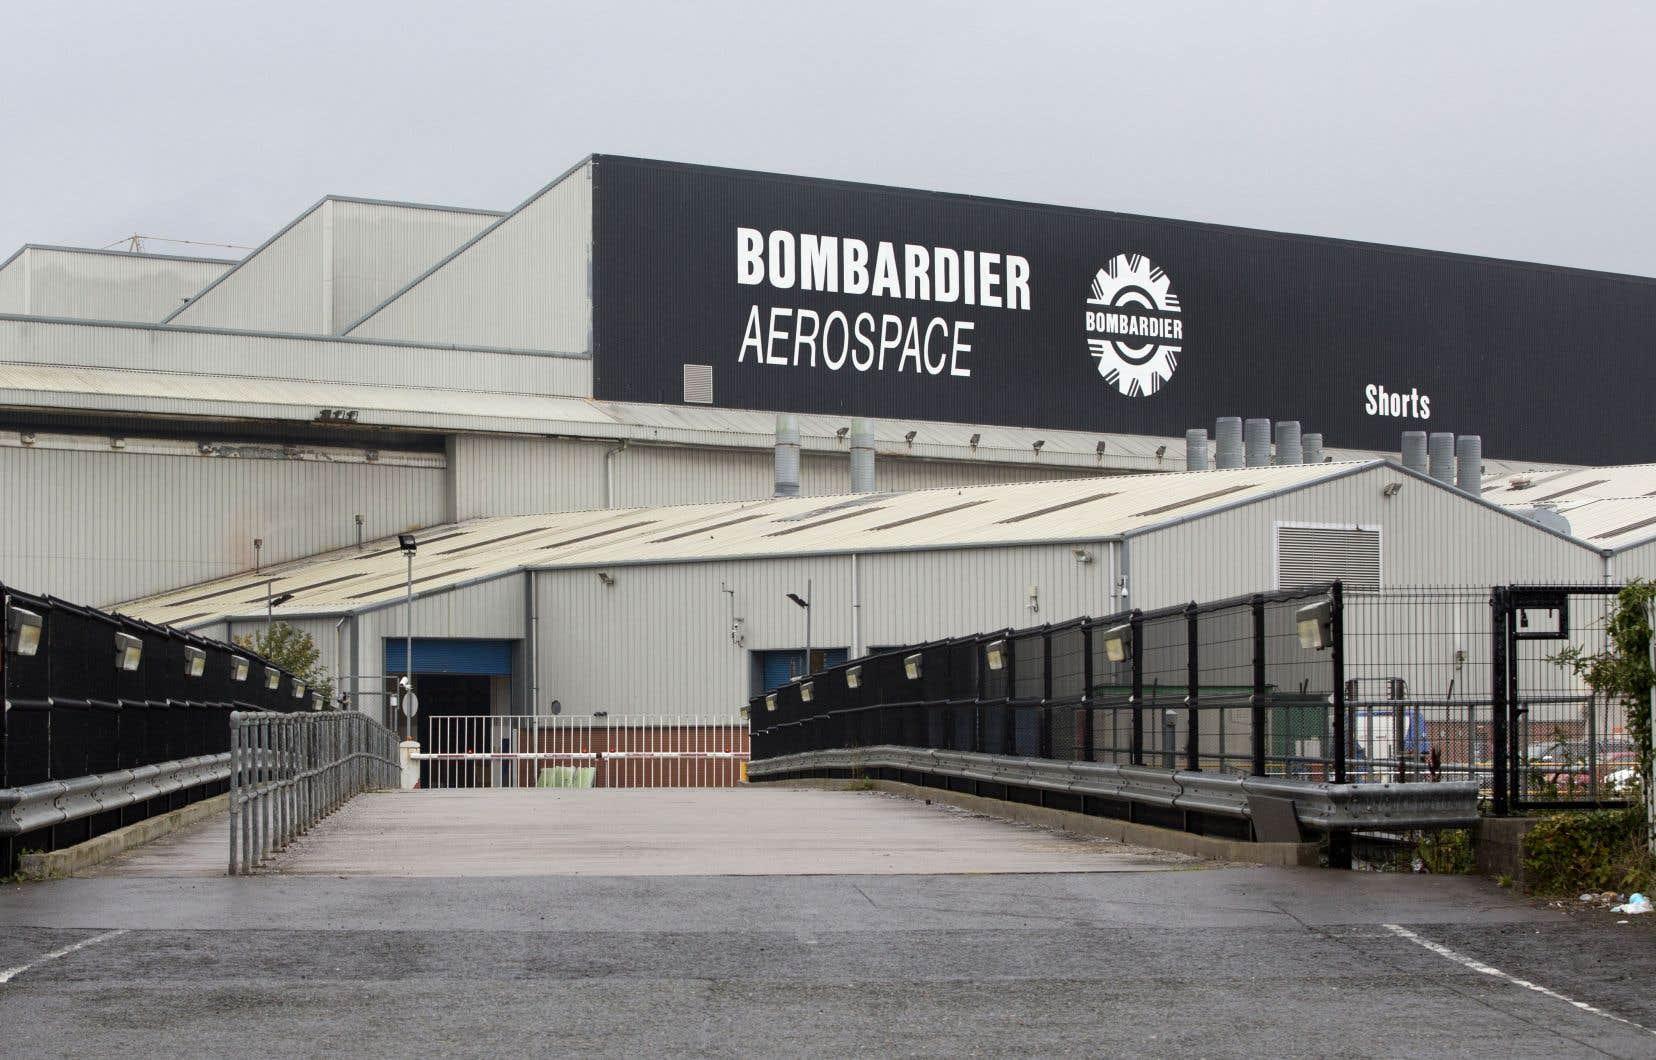 Les usines de Bombardier situées à Belfast, en Irlande du Nord, et au Maroc risquent de fermer.